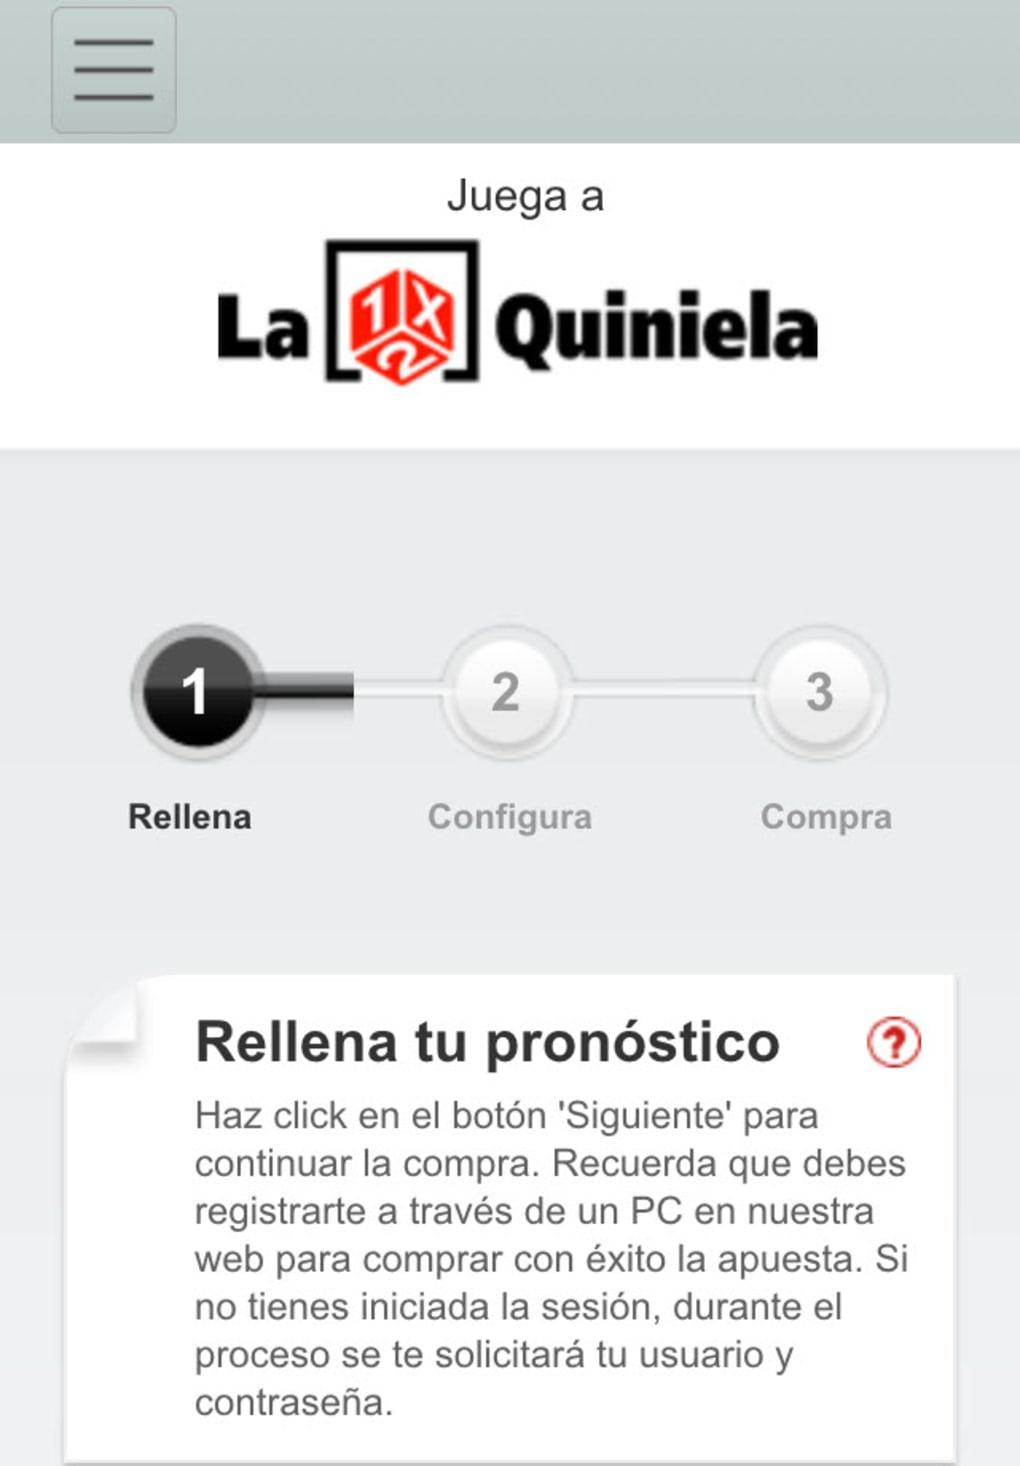 Vive la suerte descargar juego de loteria Madrid-317208